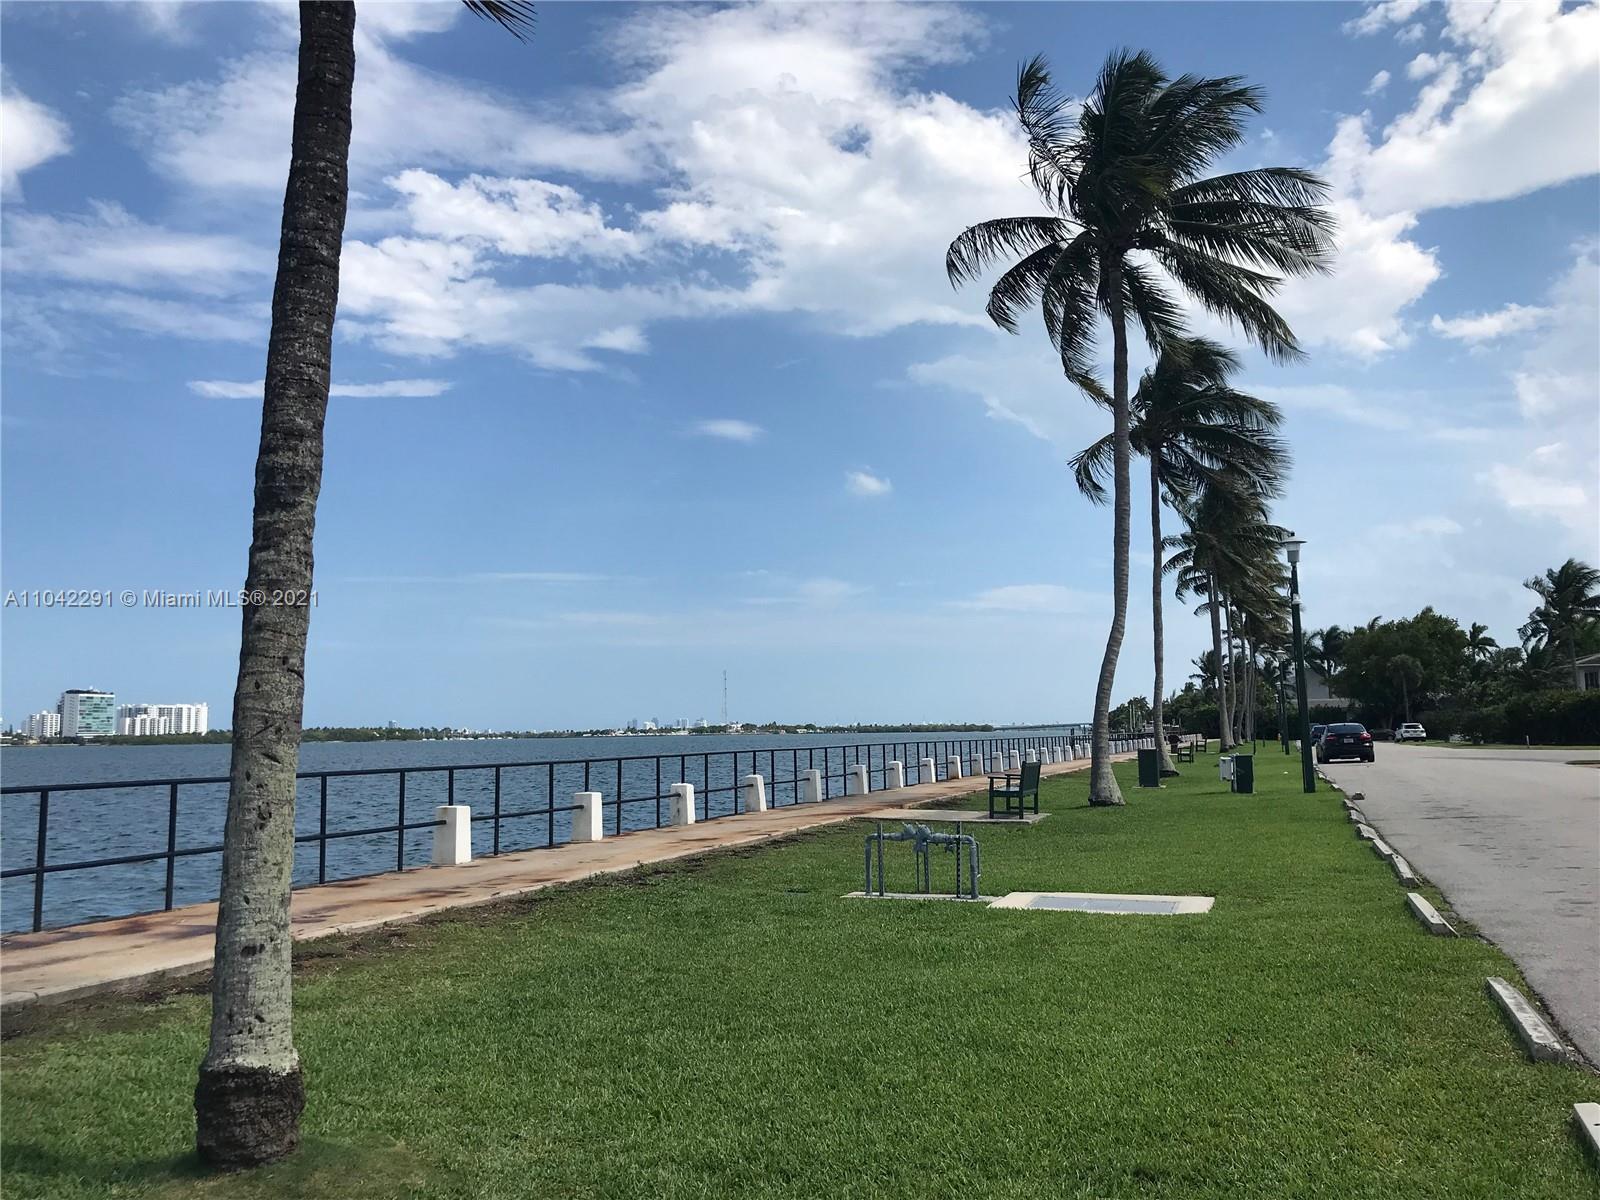 Miami Shores County Club & Golf Course